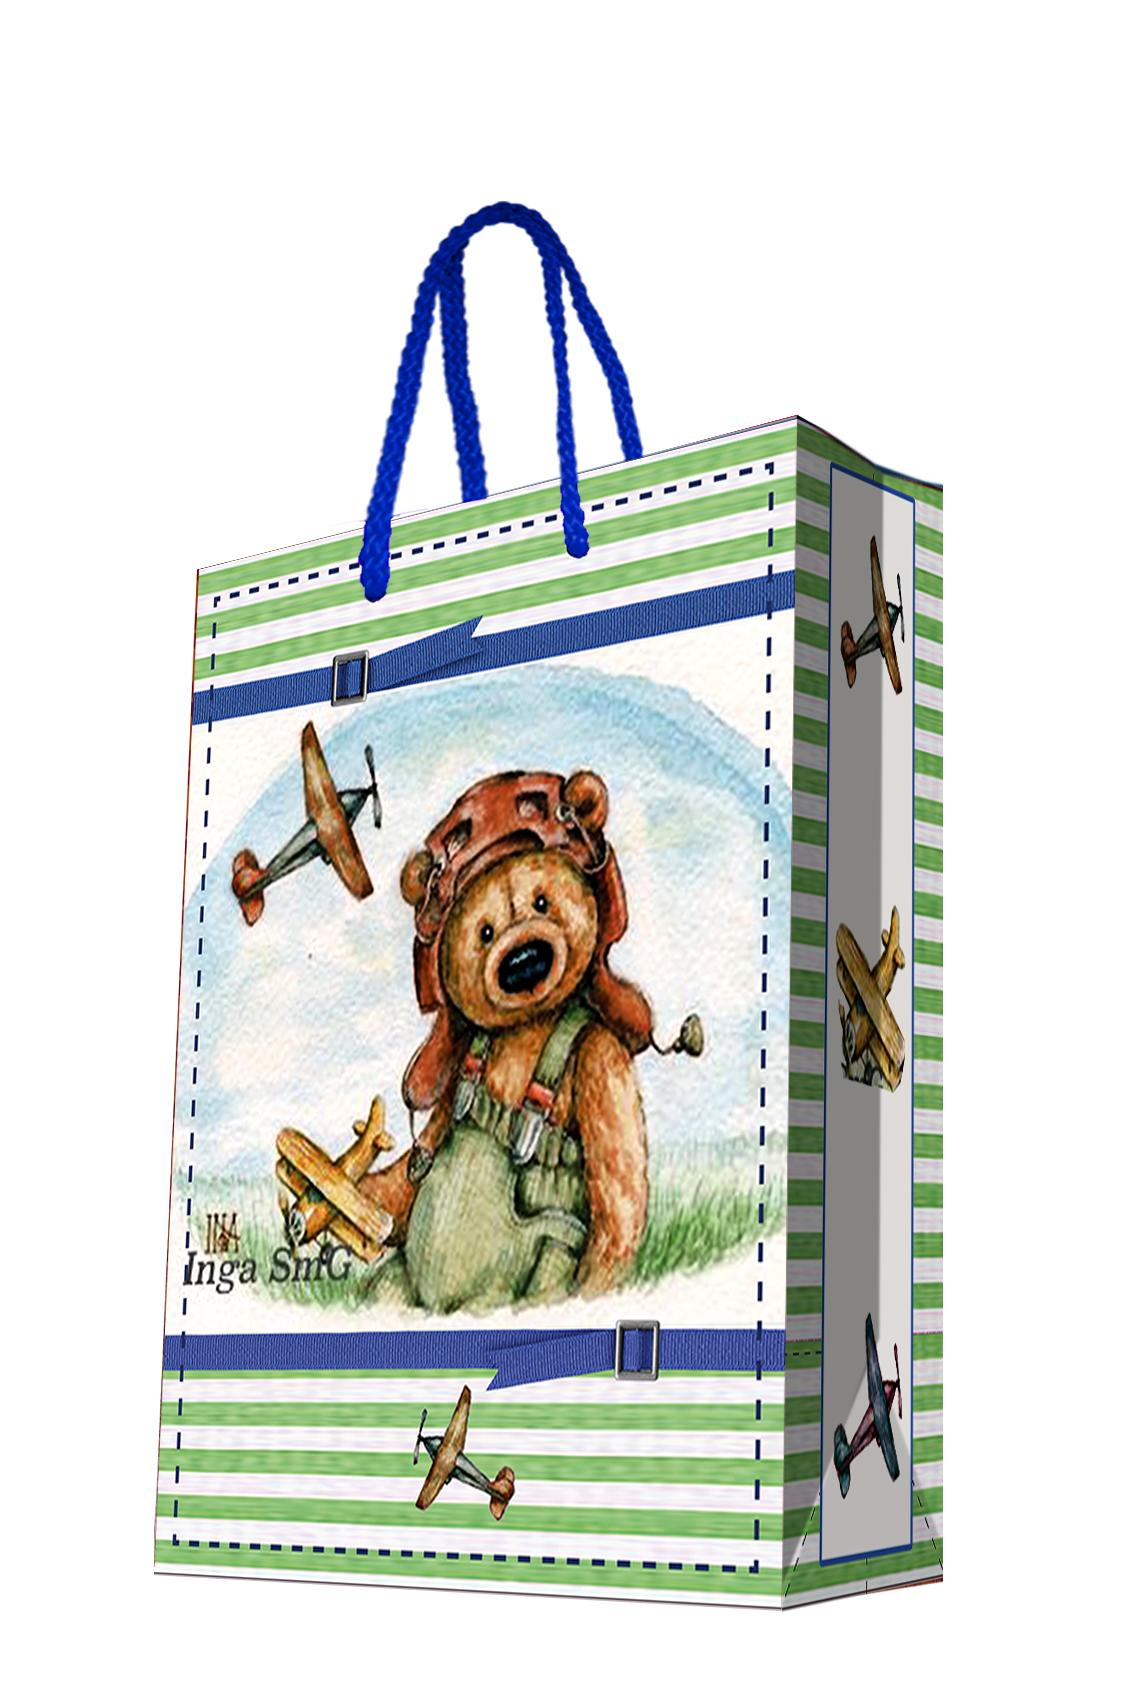 Пакет подарочный Magic Home Мишка-летчик, 26 х 32,4 х 12,7 см44192Подарочный пакет Magic Home, изготовленный из плотной бумаги, станет незаменимым дополнением к выбранному подарку. Дно изделия укреплено картоном, который позволяет сохранить форму пакета и исключает возможность деформации дна под тяжестью подарка. Пакет выполнен с глянцевой ламинацией, что придает ему прочность, а изображению - яркость и насыщенность цветов. Для удобной переноски имеются две ручки в виде шнурков. Подарок, преподнесенный в оригинальной упаковке, всегда будет самым эффектным и запоминающимся. Окружите близких людей вниманием и заботой, вручив презент в нарядном, праздничном оформлении. Плотность бумаги: 140 г/м2.